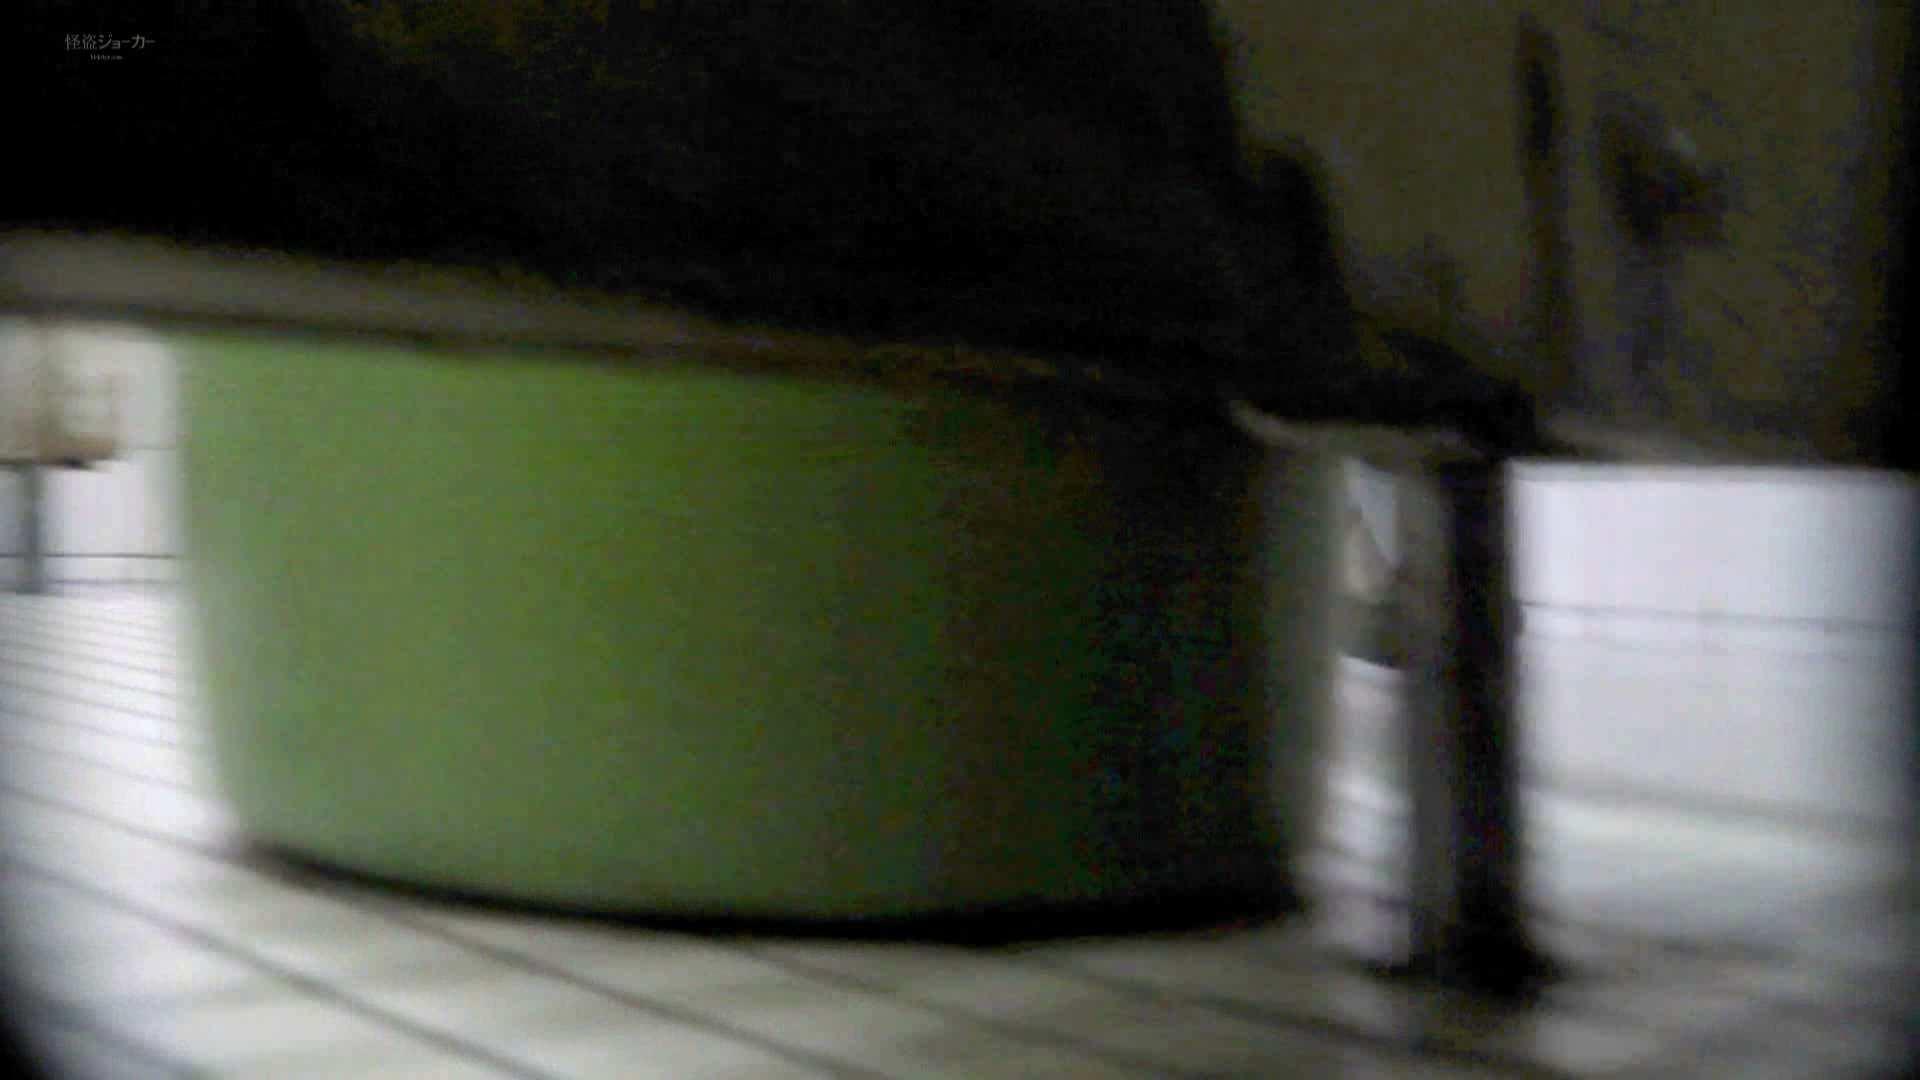 【潜入トイレ盗撮】洗面所特攻隊 vol.70 極上品の連続、歌いながら美女入室 盗撮エロすぎ | トイレ中  90連発 74